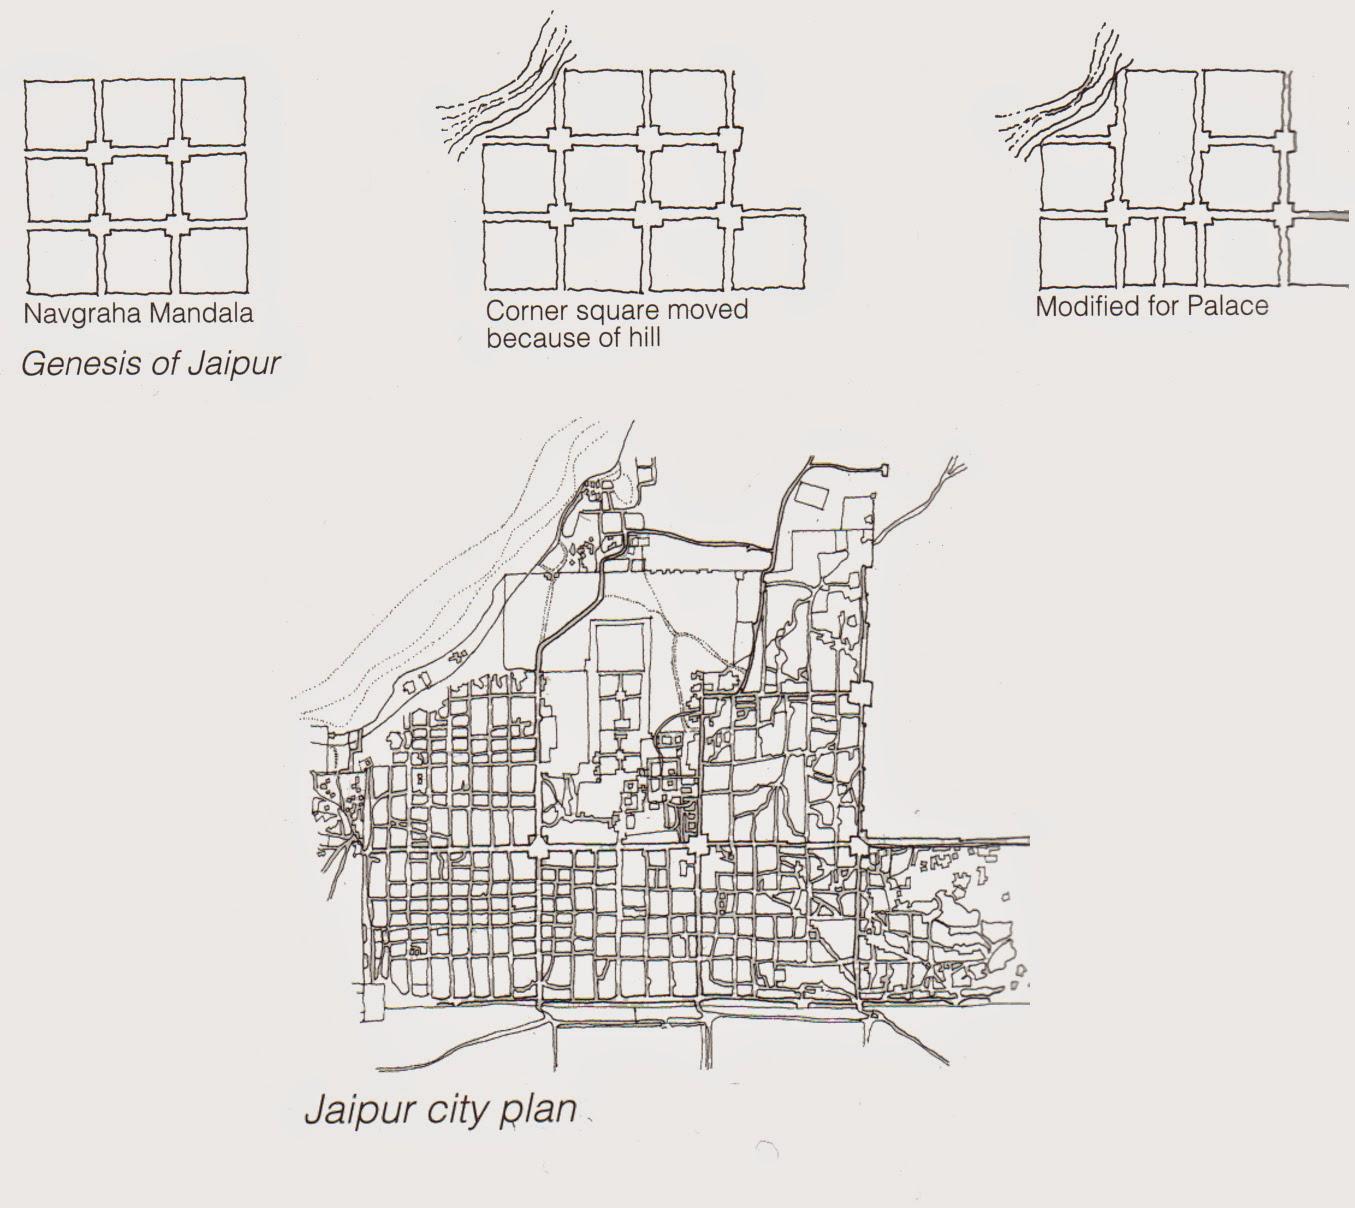 city drawing in a mandala